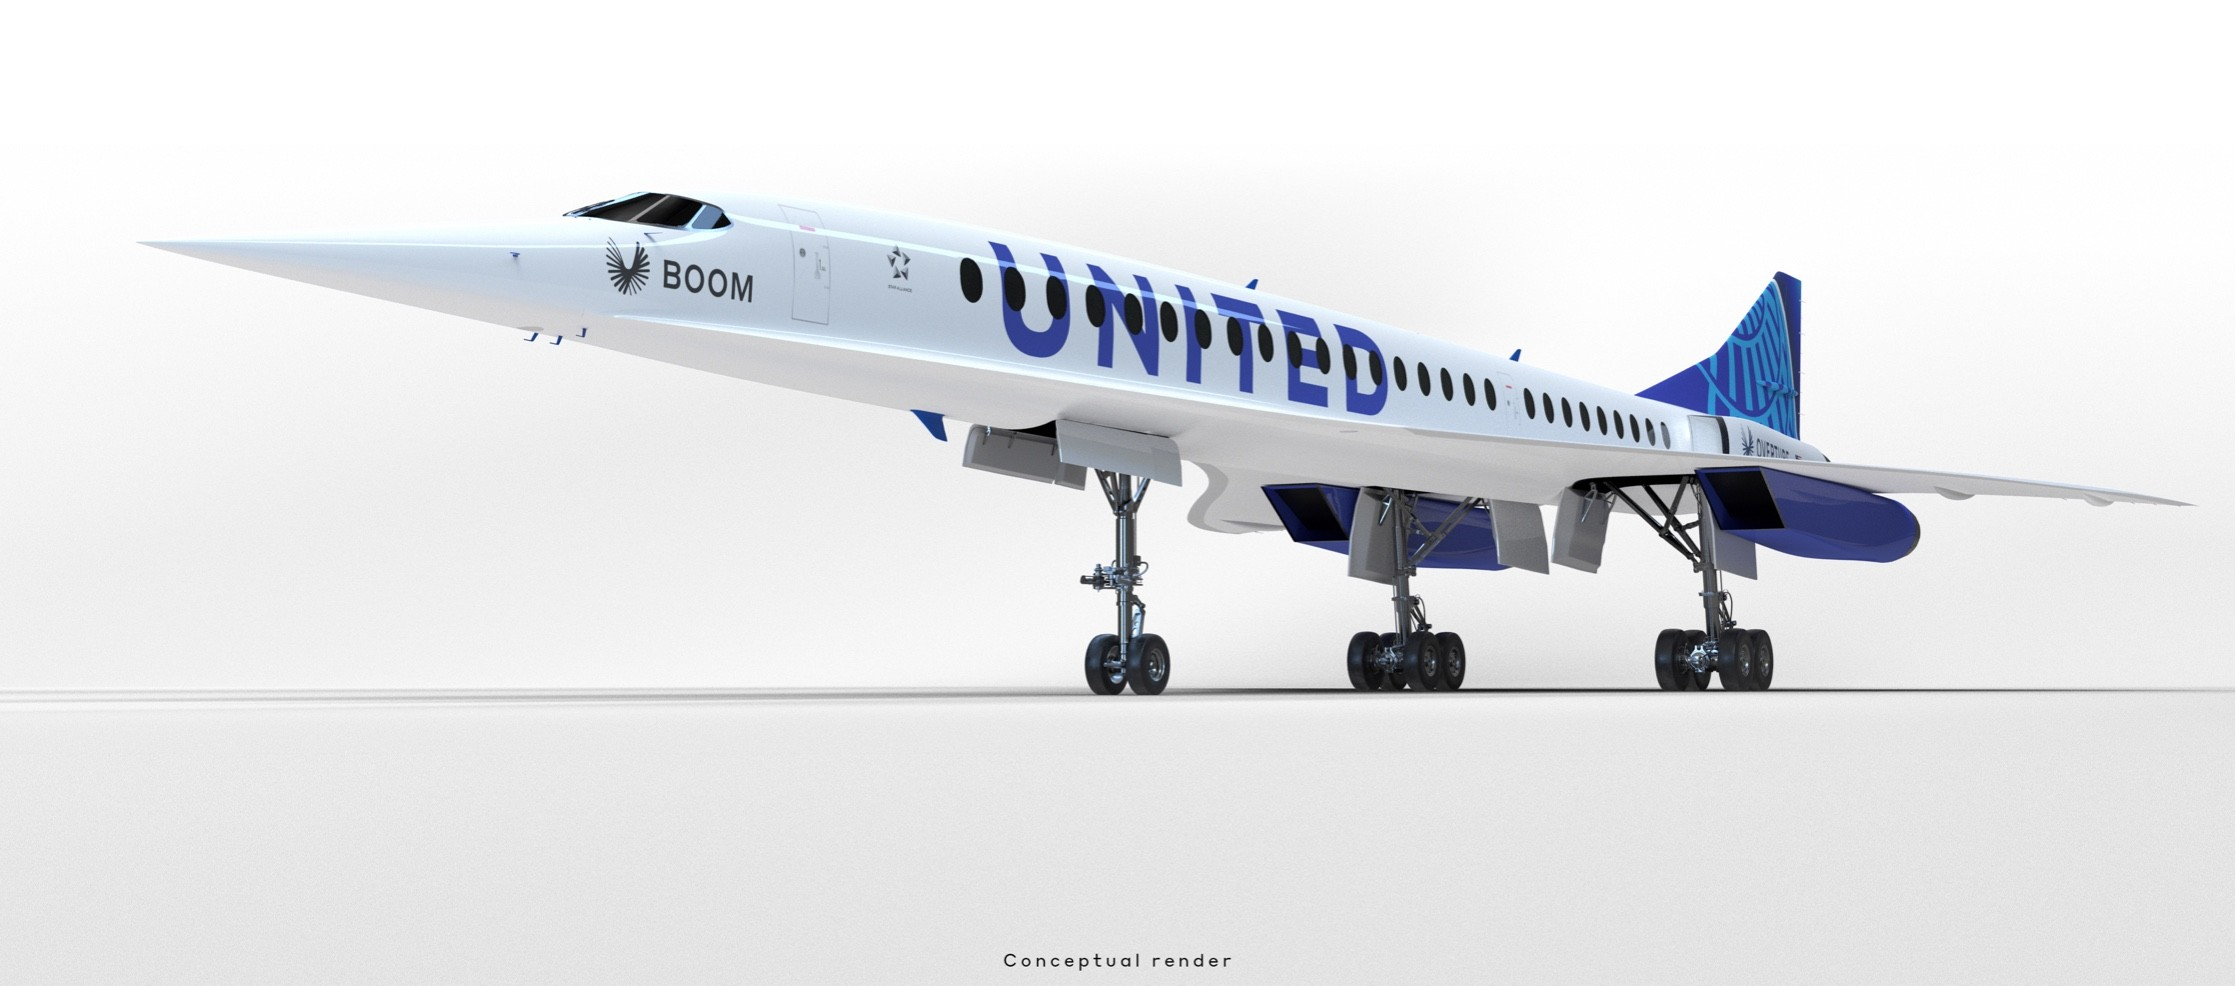 Des supersoniques pour la prochaine décennie?? - Page 2 United-3d-model@2x